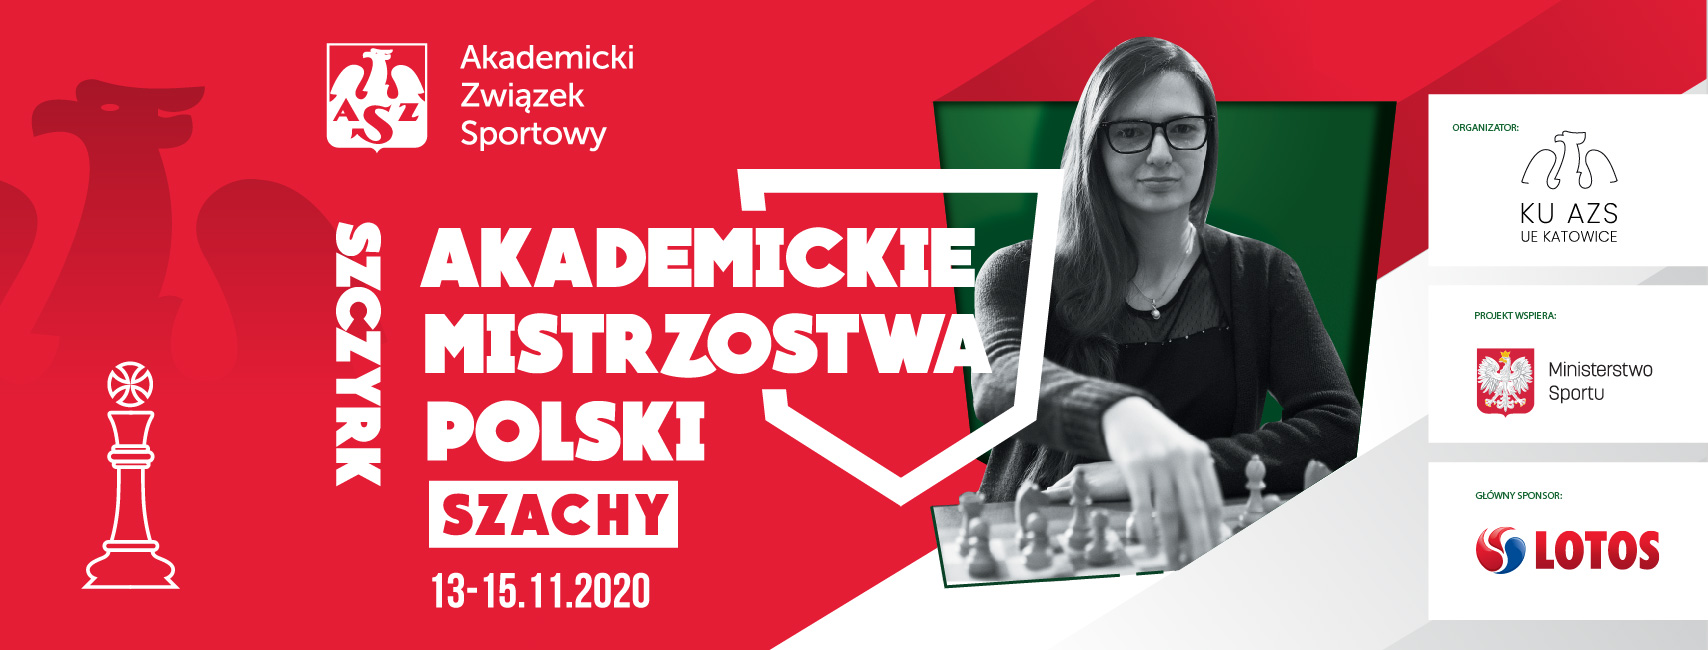 Akademickie_Mistrzostwa_Polski_szachy_baner